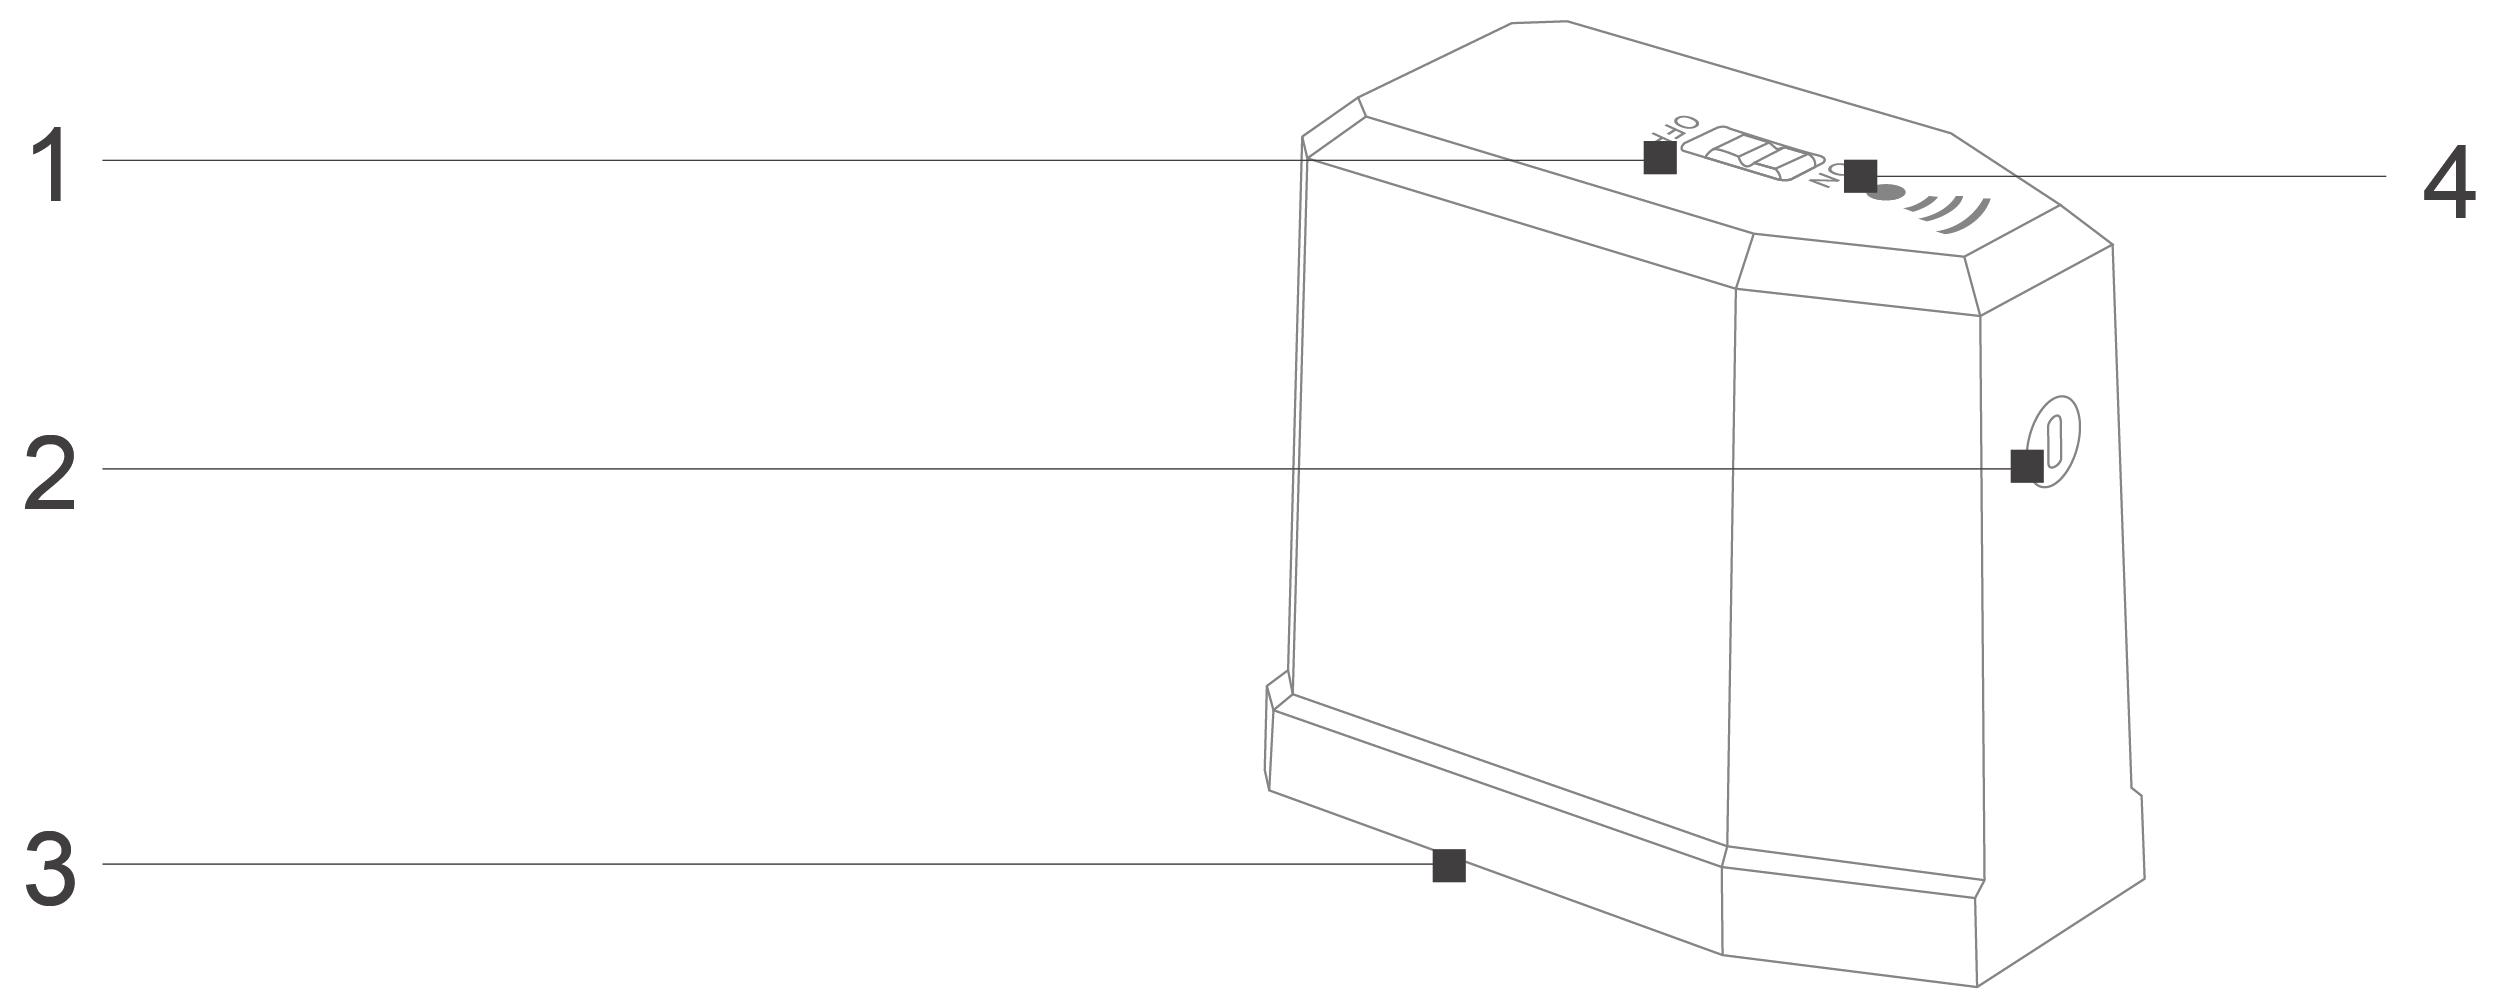 Robô Aspirador de Pó JETS J1 - Conhecendo a parede virtual